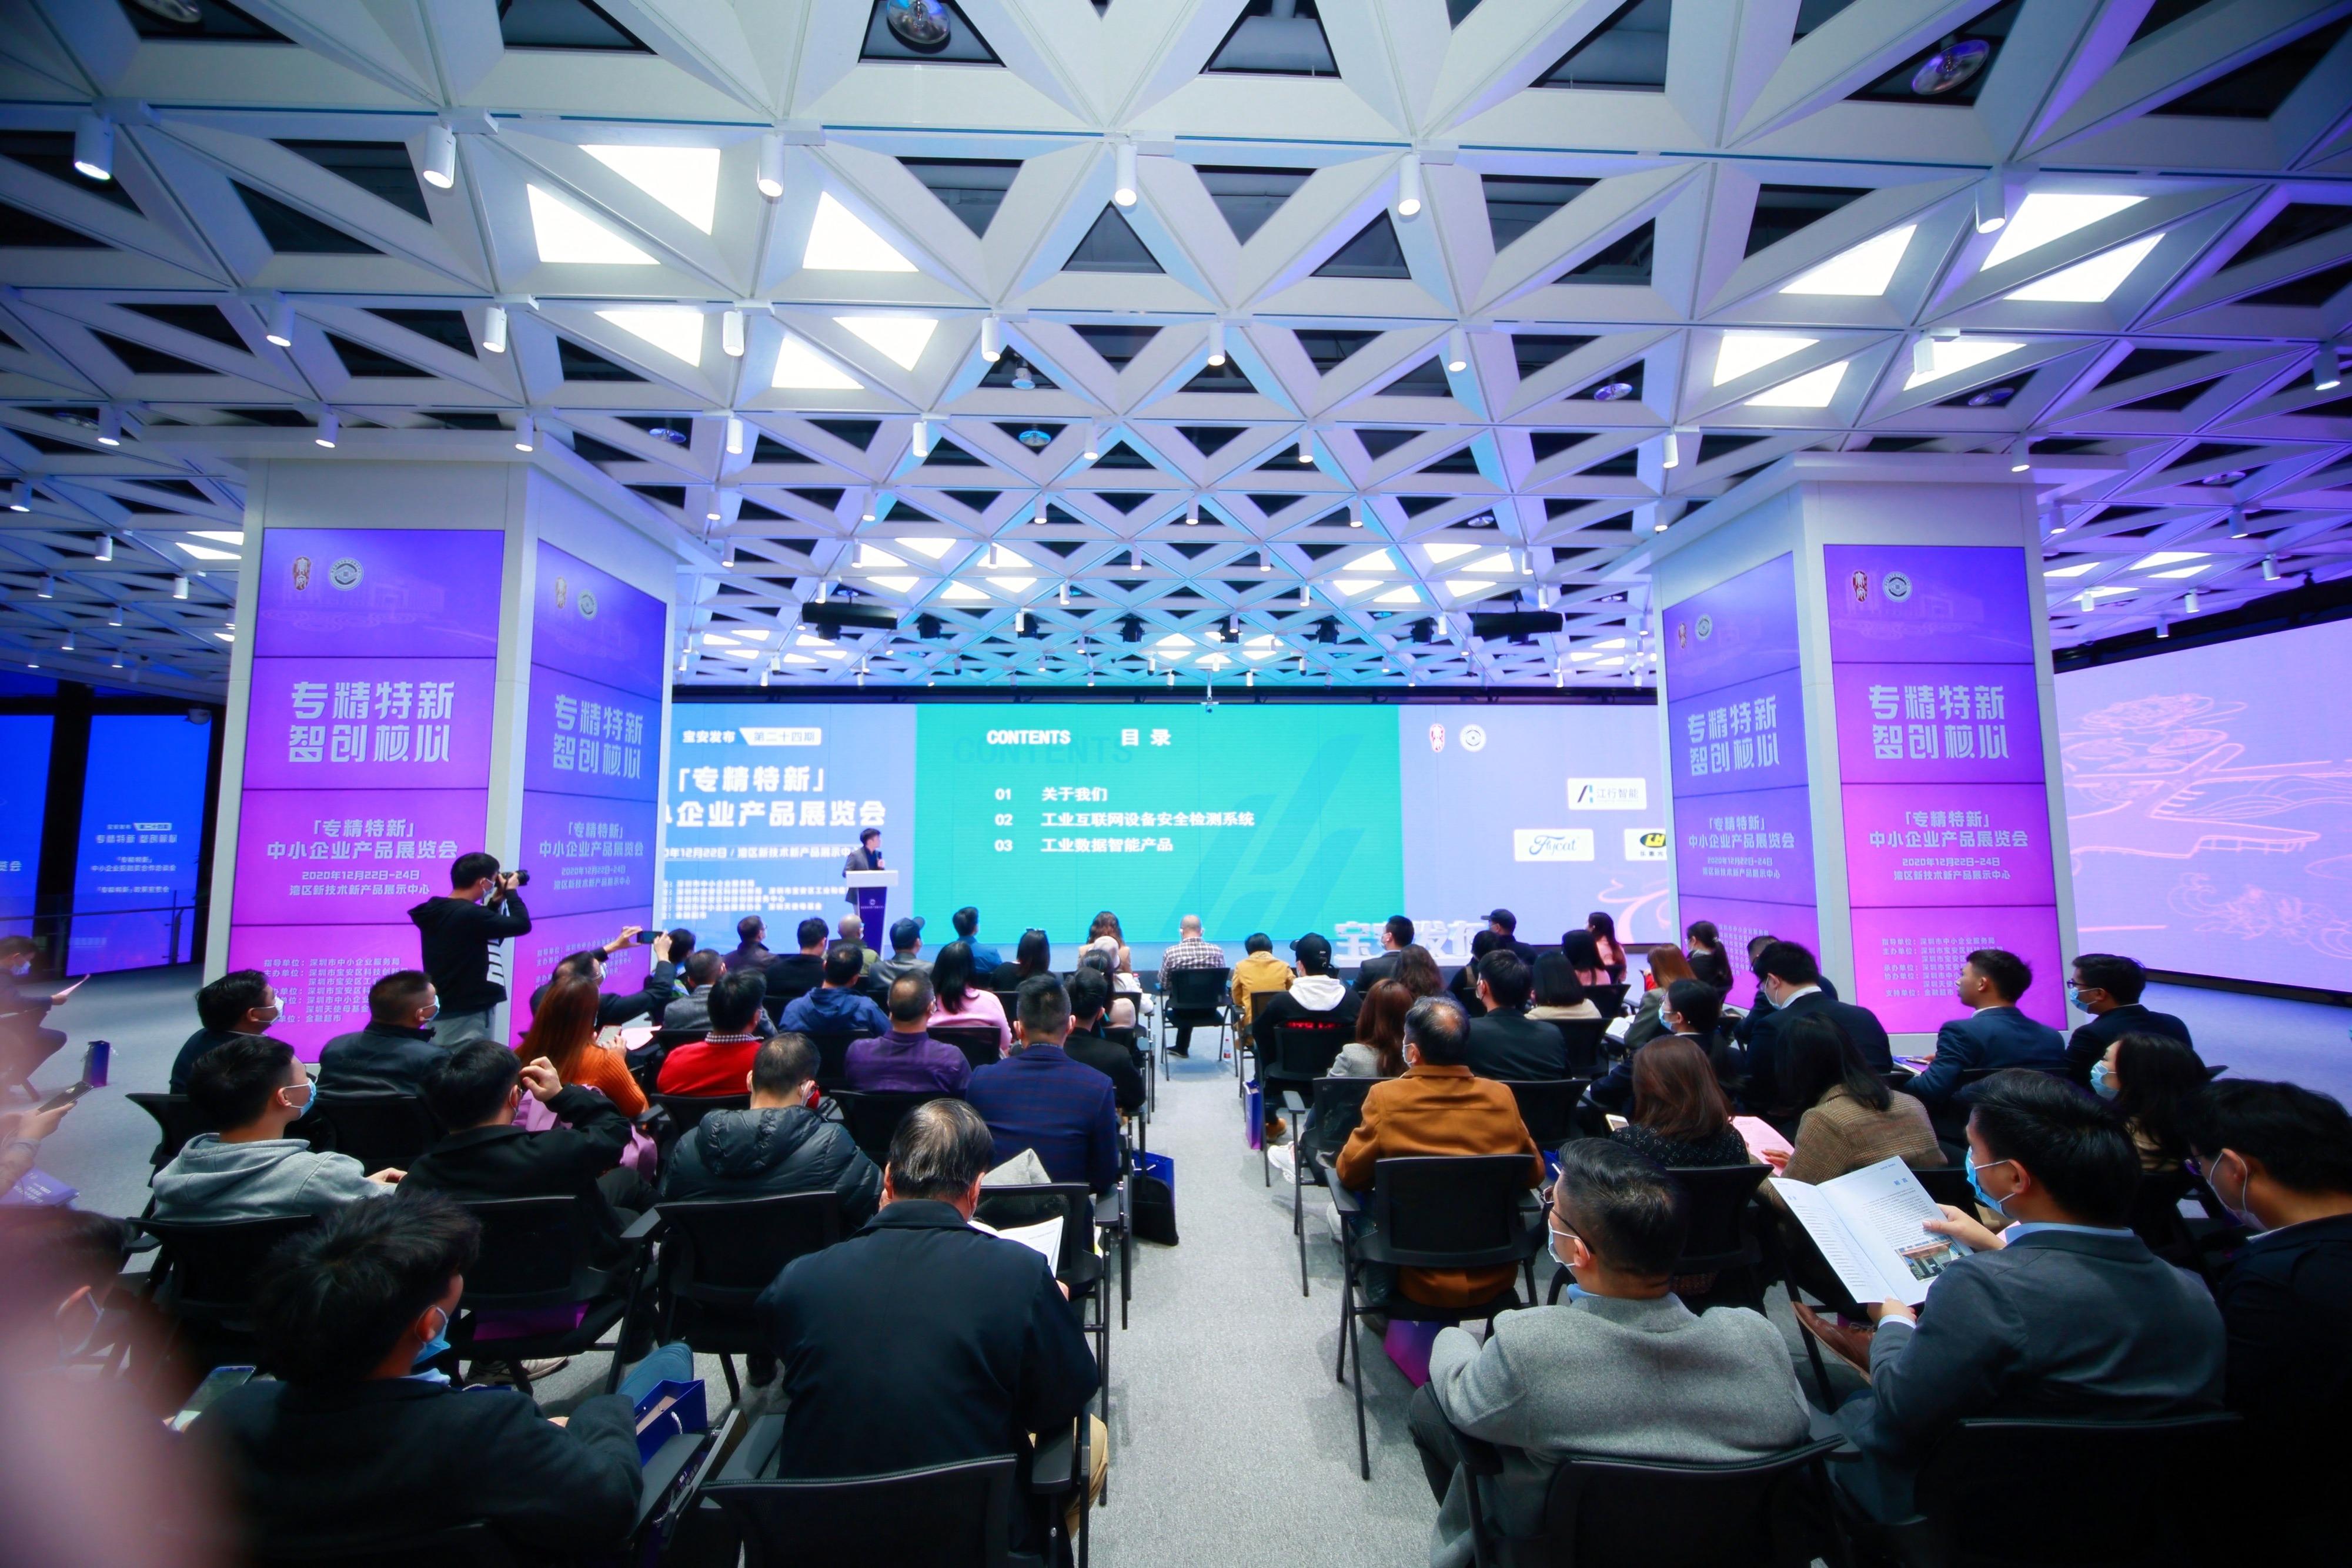 易道智慧(838957)与深圳市跨境电子商务协会达成战略合作...